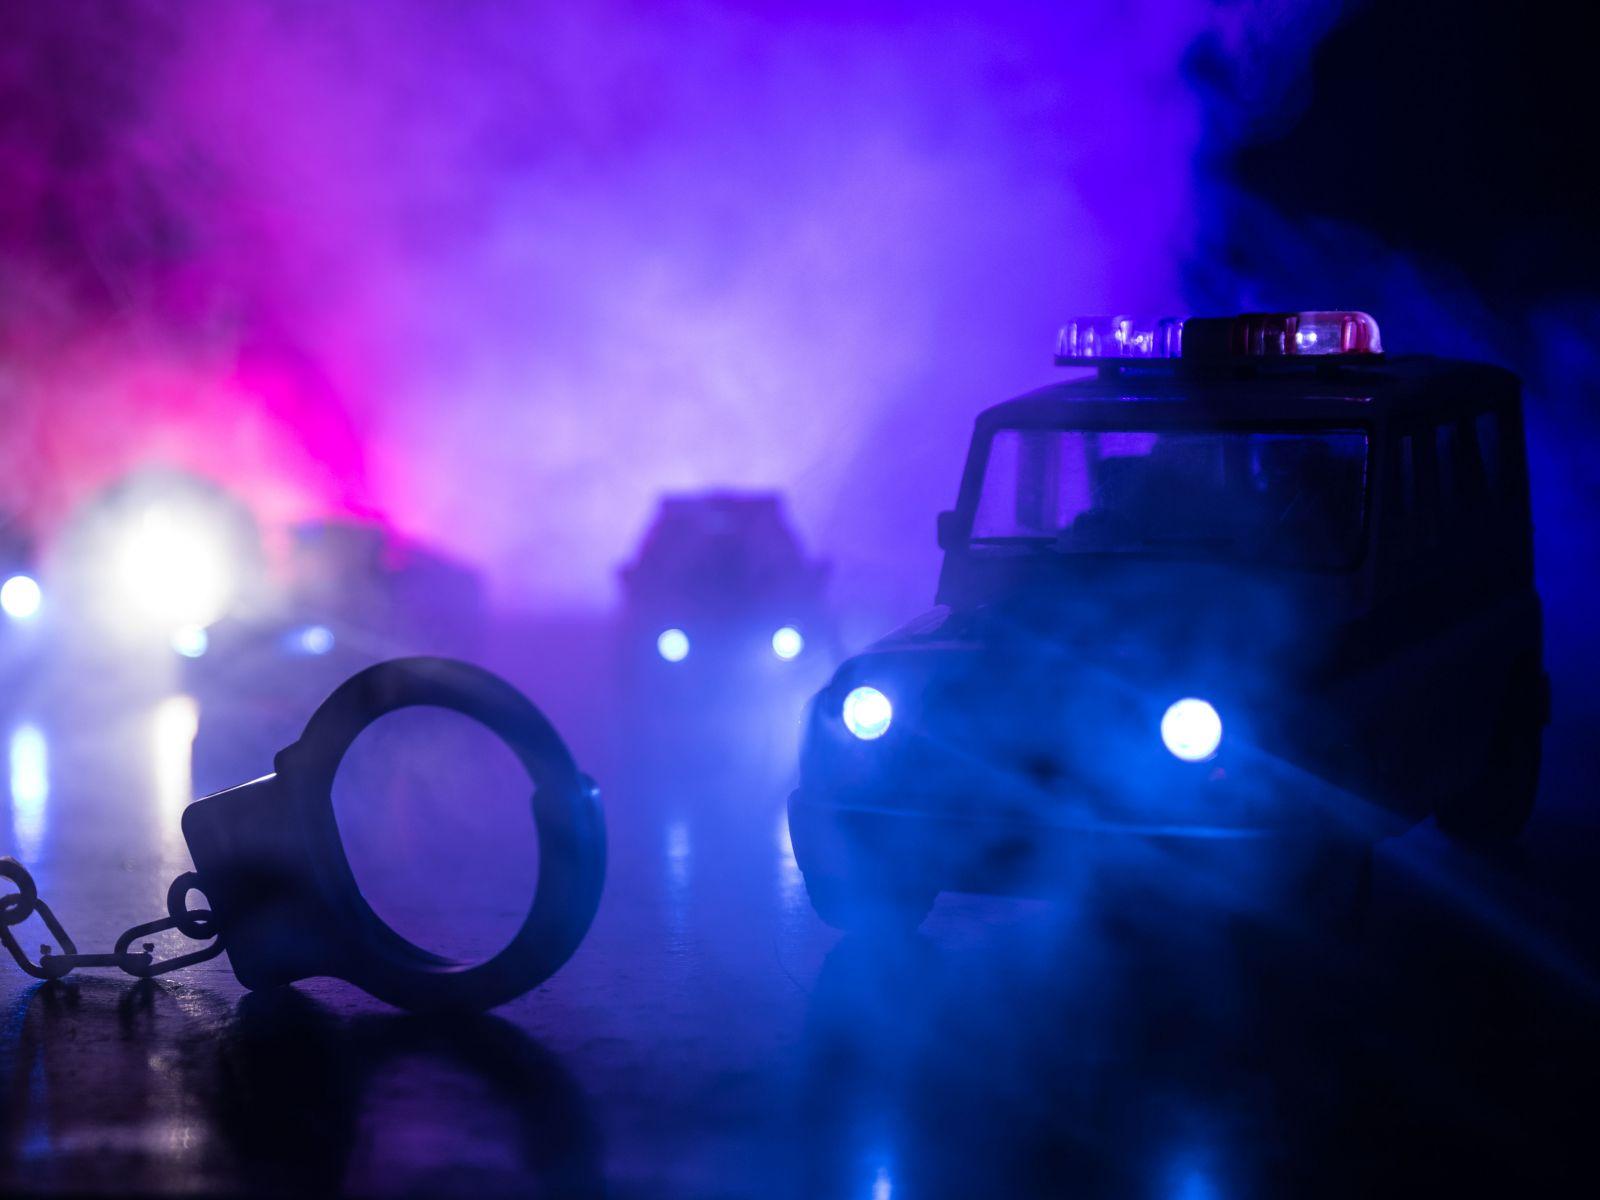 警察在運送通緝犯的途中,被美工刀割喉身亡的那台警車.....它的雙黃燈好像自己閃了一下